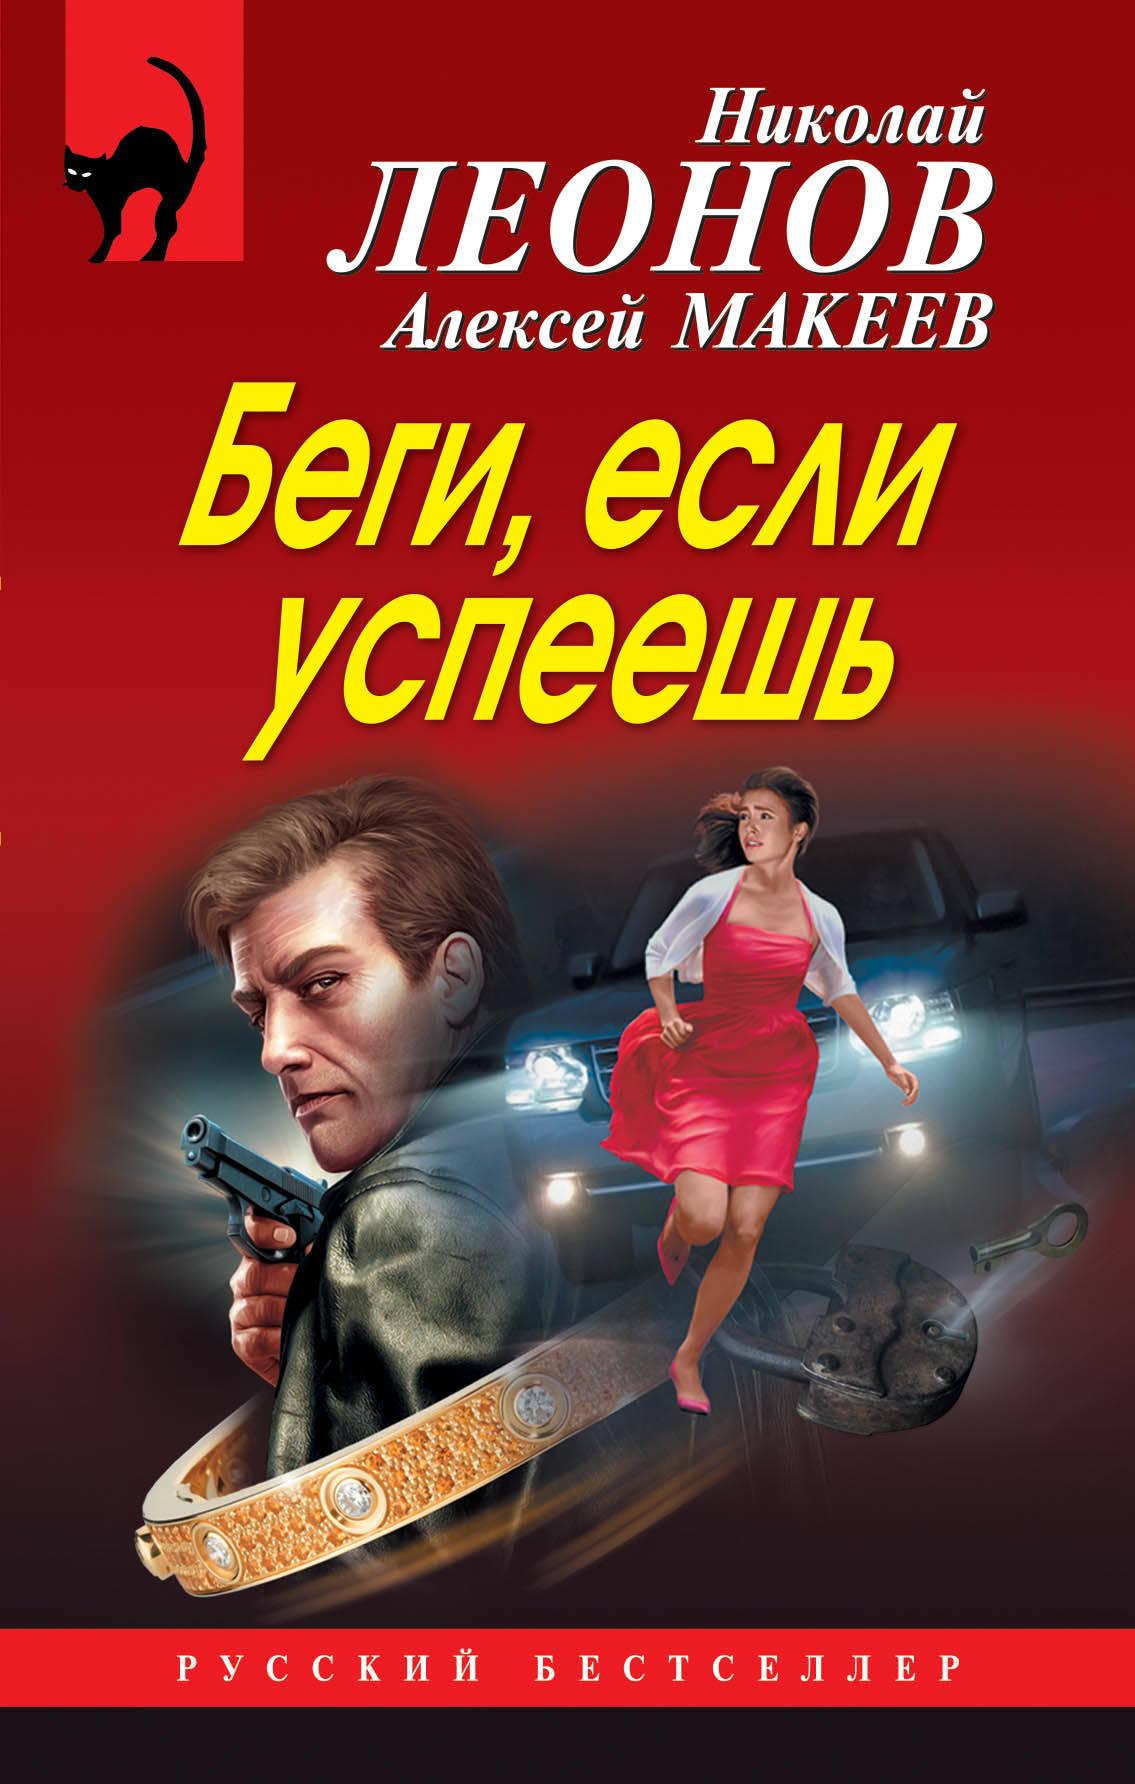 Н. И. Леонов, А. В. Макеев Беги, если успеешь